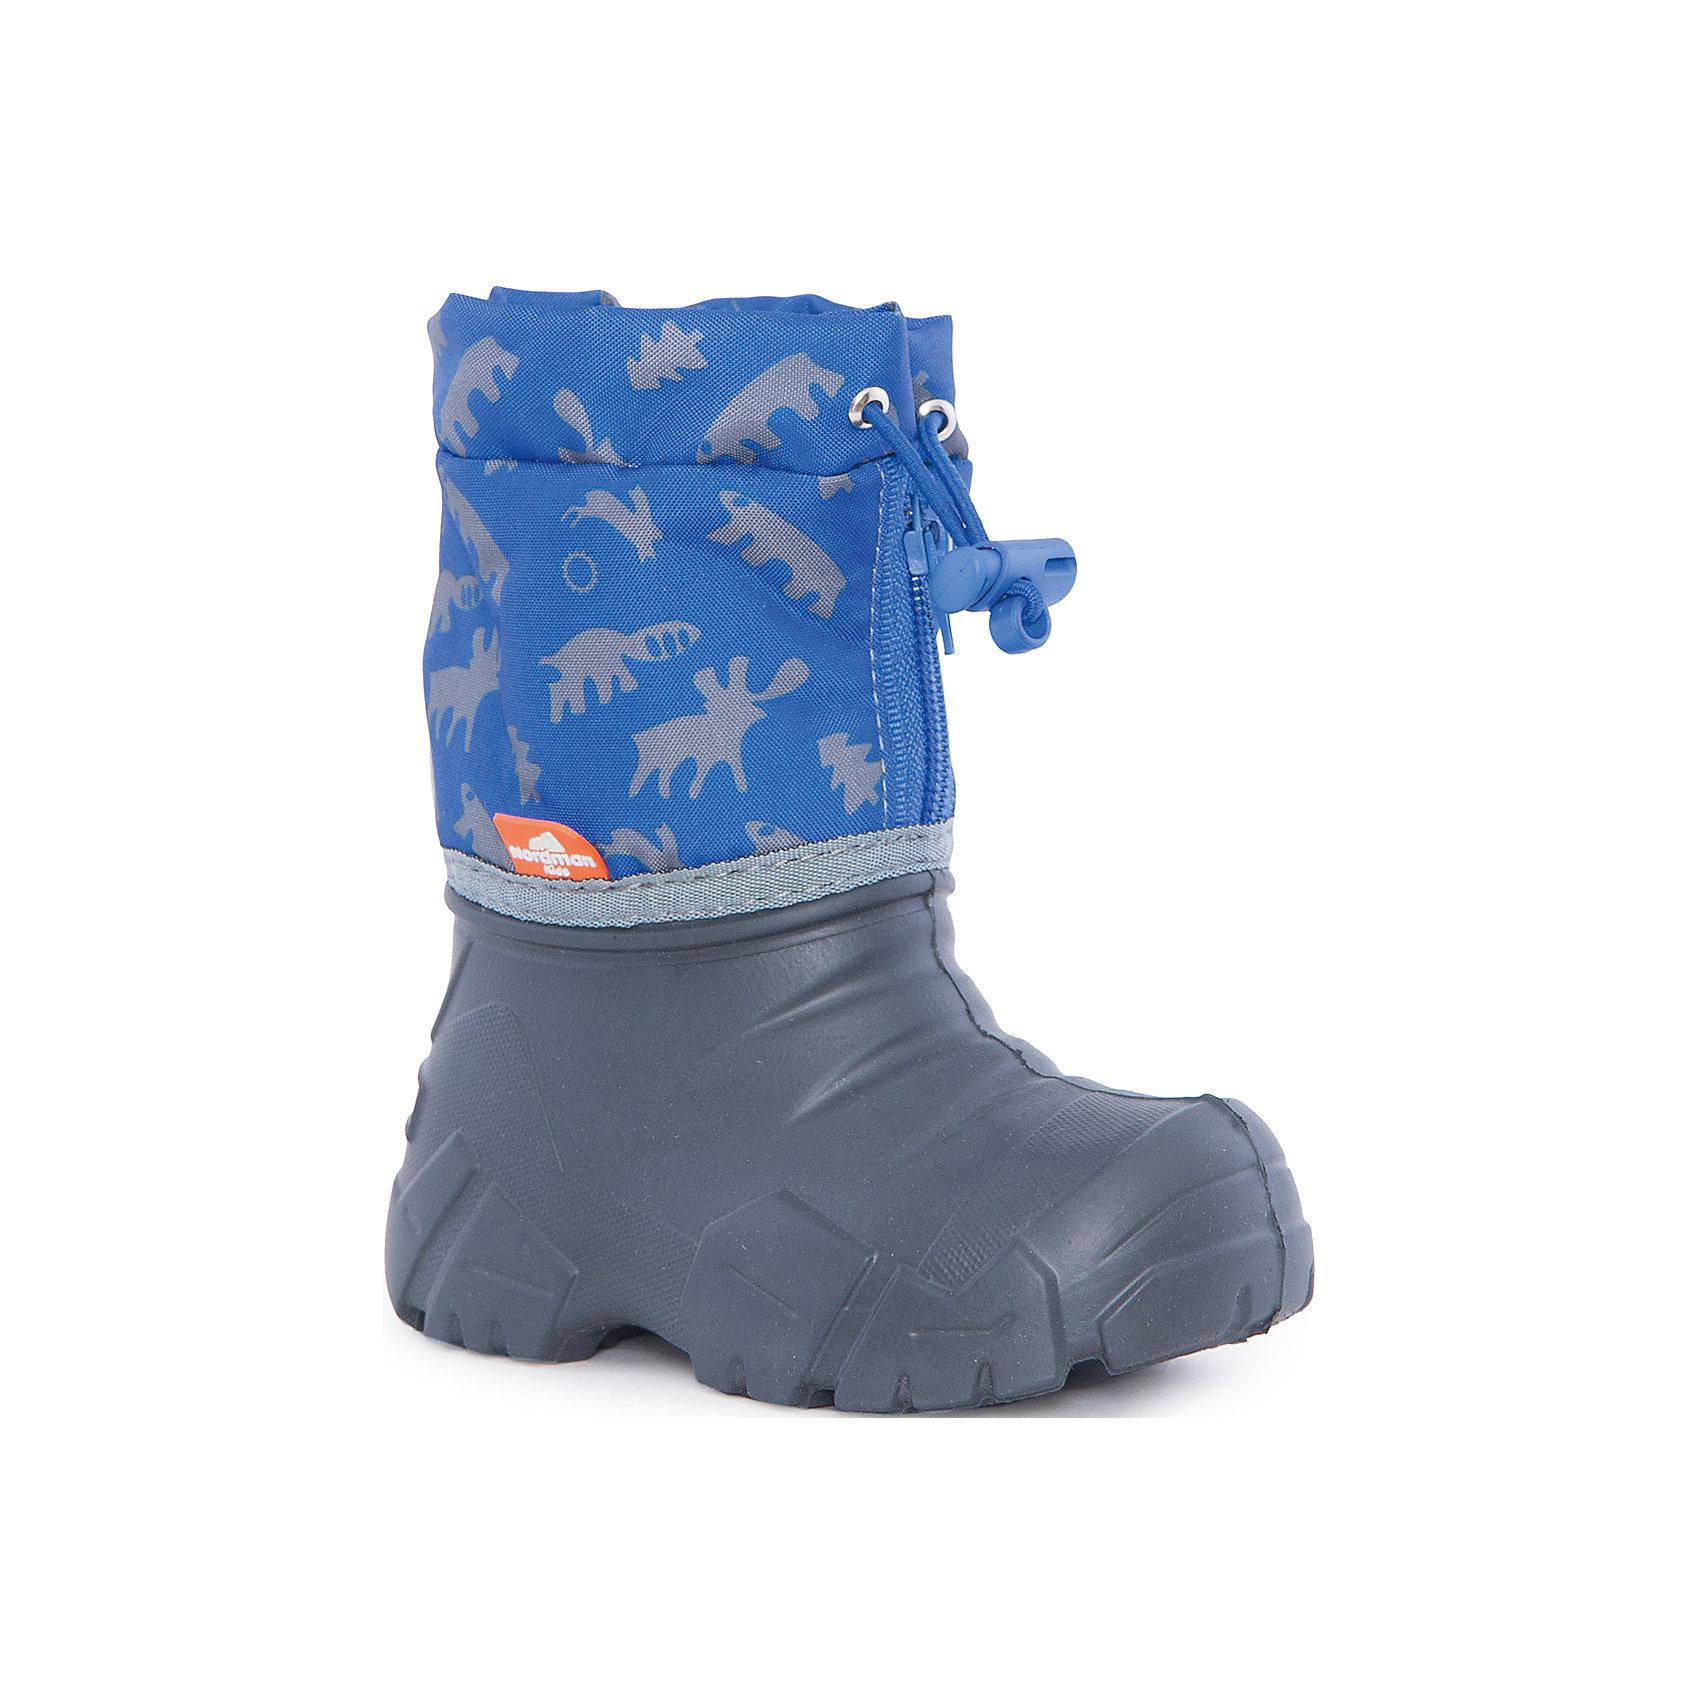 Сноубутсы Kids для мальчика NordmanСноубутсы<br>Характеристики товара:<br><br>• цвет: синий<br>• материал верха: текстиль<br>• материал подкладки: шерстяной мех<br>• материал подошвы: ЭВА<br>• подошва не скользит<br>• застежка: молния<br>• температурный режим: от -10° до +10° С<br>• верх с водоотталкивающей пропиткой<br>• толстая устойчивая подошва<br>• низ не промокает<br>• страна бренда: Российская Федерация<br>• страна изготовитель: Российская Федерация<br><br>При выборе демисезонной и зимней обуви для ребенка необходимо убедиться, что она удобная и теплая. Такие сапожки обеспечат детям комфорт даже в мороз, а непромокающая нижняя часть  оставит ножки в сухости. Сапожки легко снимаются и надеваются, хорошо сидят на ноге. Внутри - специальная теплая подкладка, с которой холода не страшны!<br>Обувь от бренда Nordman - это качественные российские товары, произведенные с применением как натуральных, так и высокотехнологичных материалов. Обувь выделяется стильным дизайном и проработанными деталями. Полностью адаптирована под российскую погоду! Изделие производится из качественных и проверенных материалов, которые безопасны для детей.<br><br>Сапоги для мальчика от бренда Nordman можно купить в нашем интернет-магазине.<br><br>Ширина мм: 257<br>Глубина мм: 180<br>Высота мм: 130<br>Вес г: 420<br>Цвет: синий<br>Возраст от месяцев: 18<br>Возраст до месяцев: 21<br>Пол: Мужской<br>Возраст: Детский<br>Размер: 22/23<br>SKU: 5219851